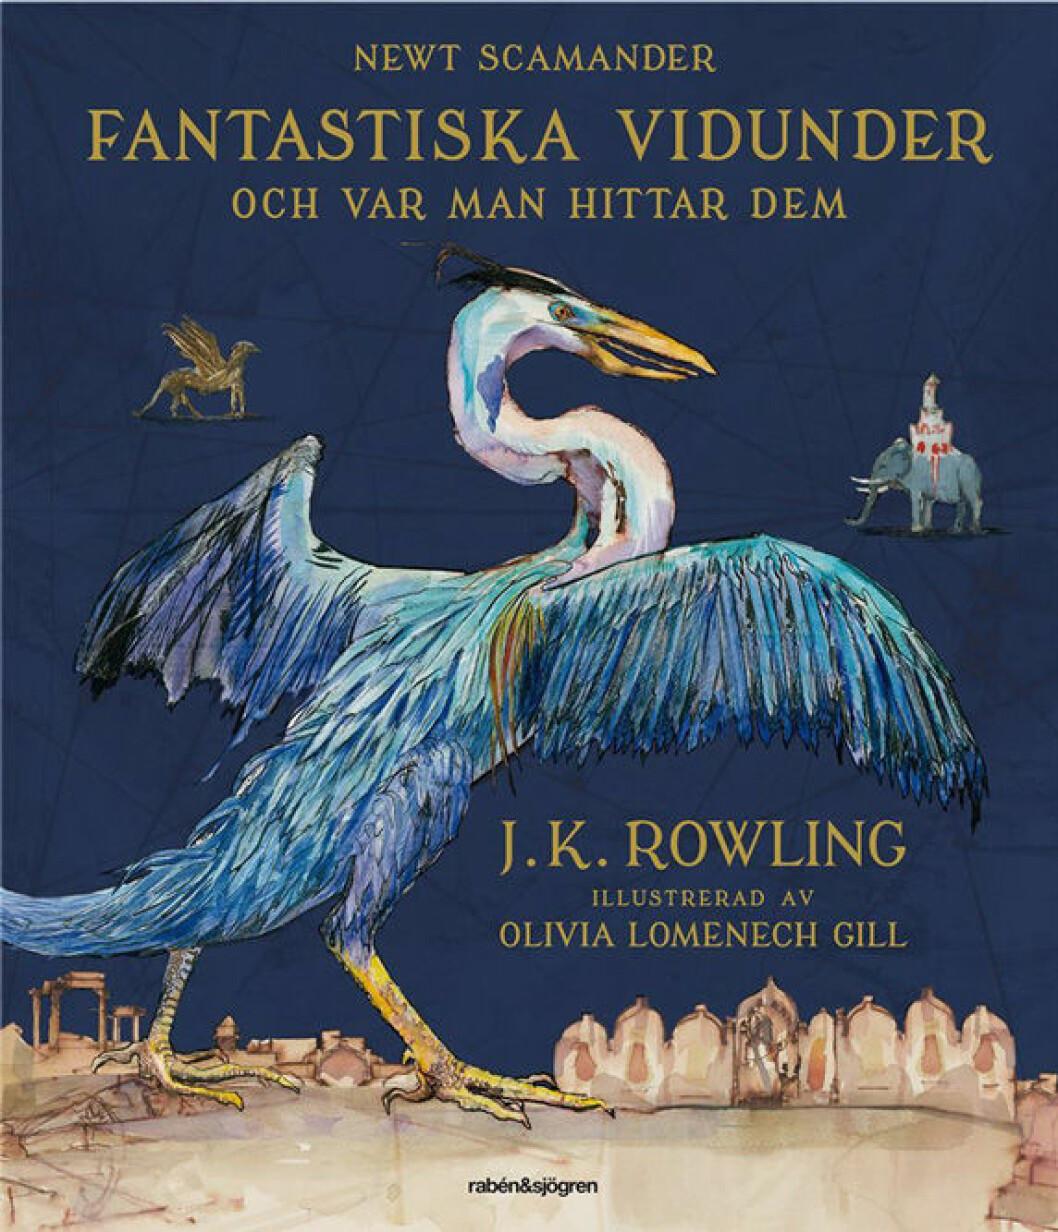 Fantastiska vidunder och var man hittar dem av JK Rowling